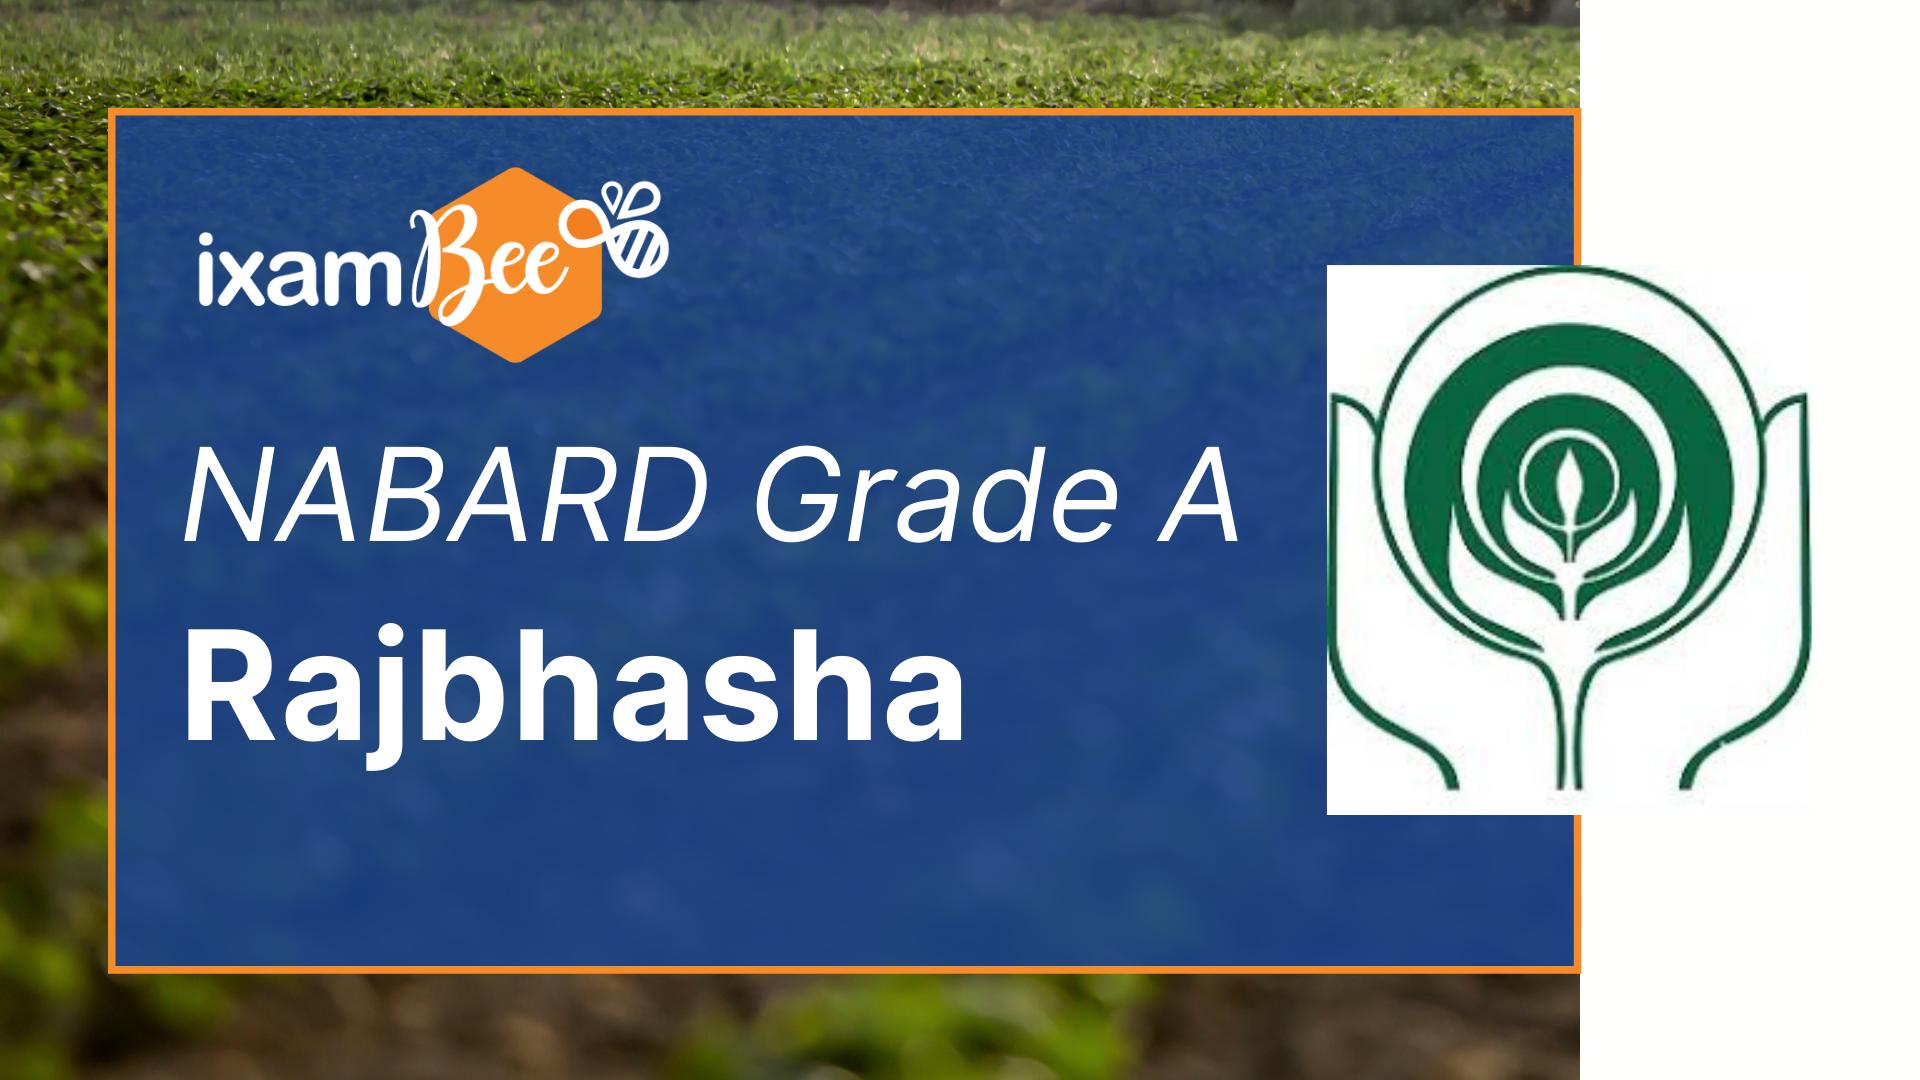 NABARD Grade A Rajbhasha